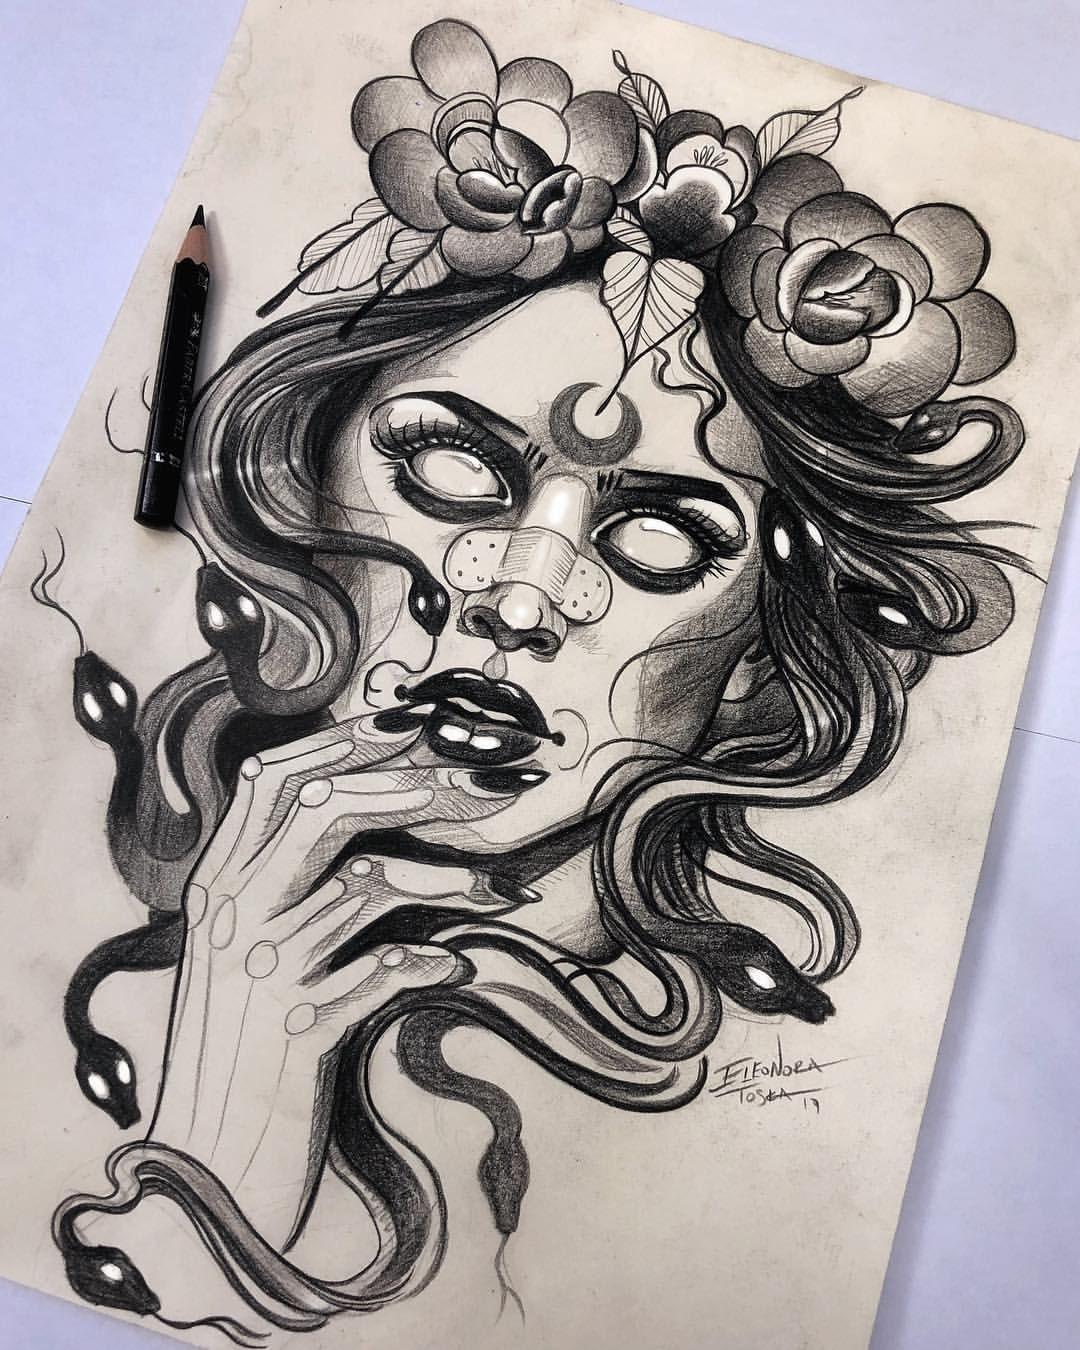 dibujo de medusa en blanco y negro